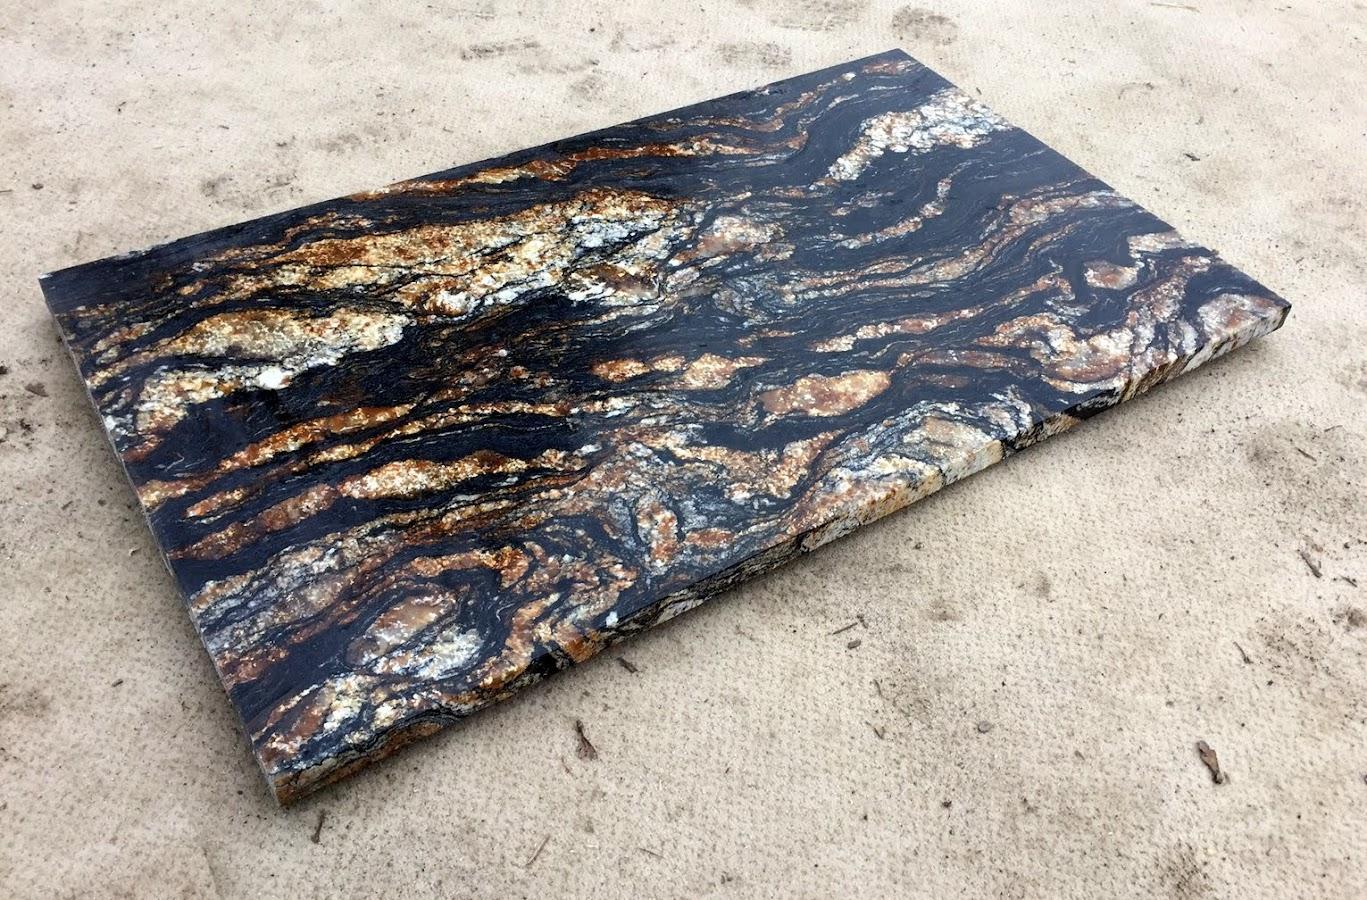 Granit Kchenabdeckung Klick Fliesen Kche Pendelleuchte Eckbank Modern Schlauch Wasserhahn